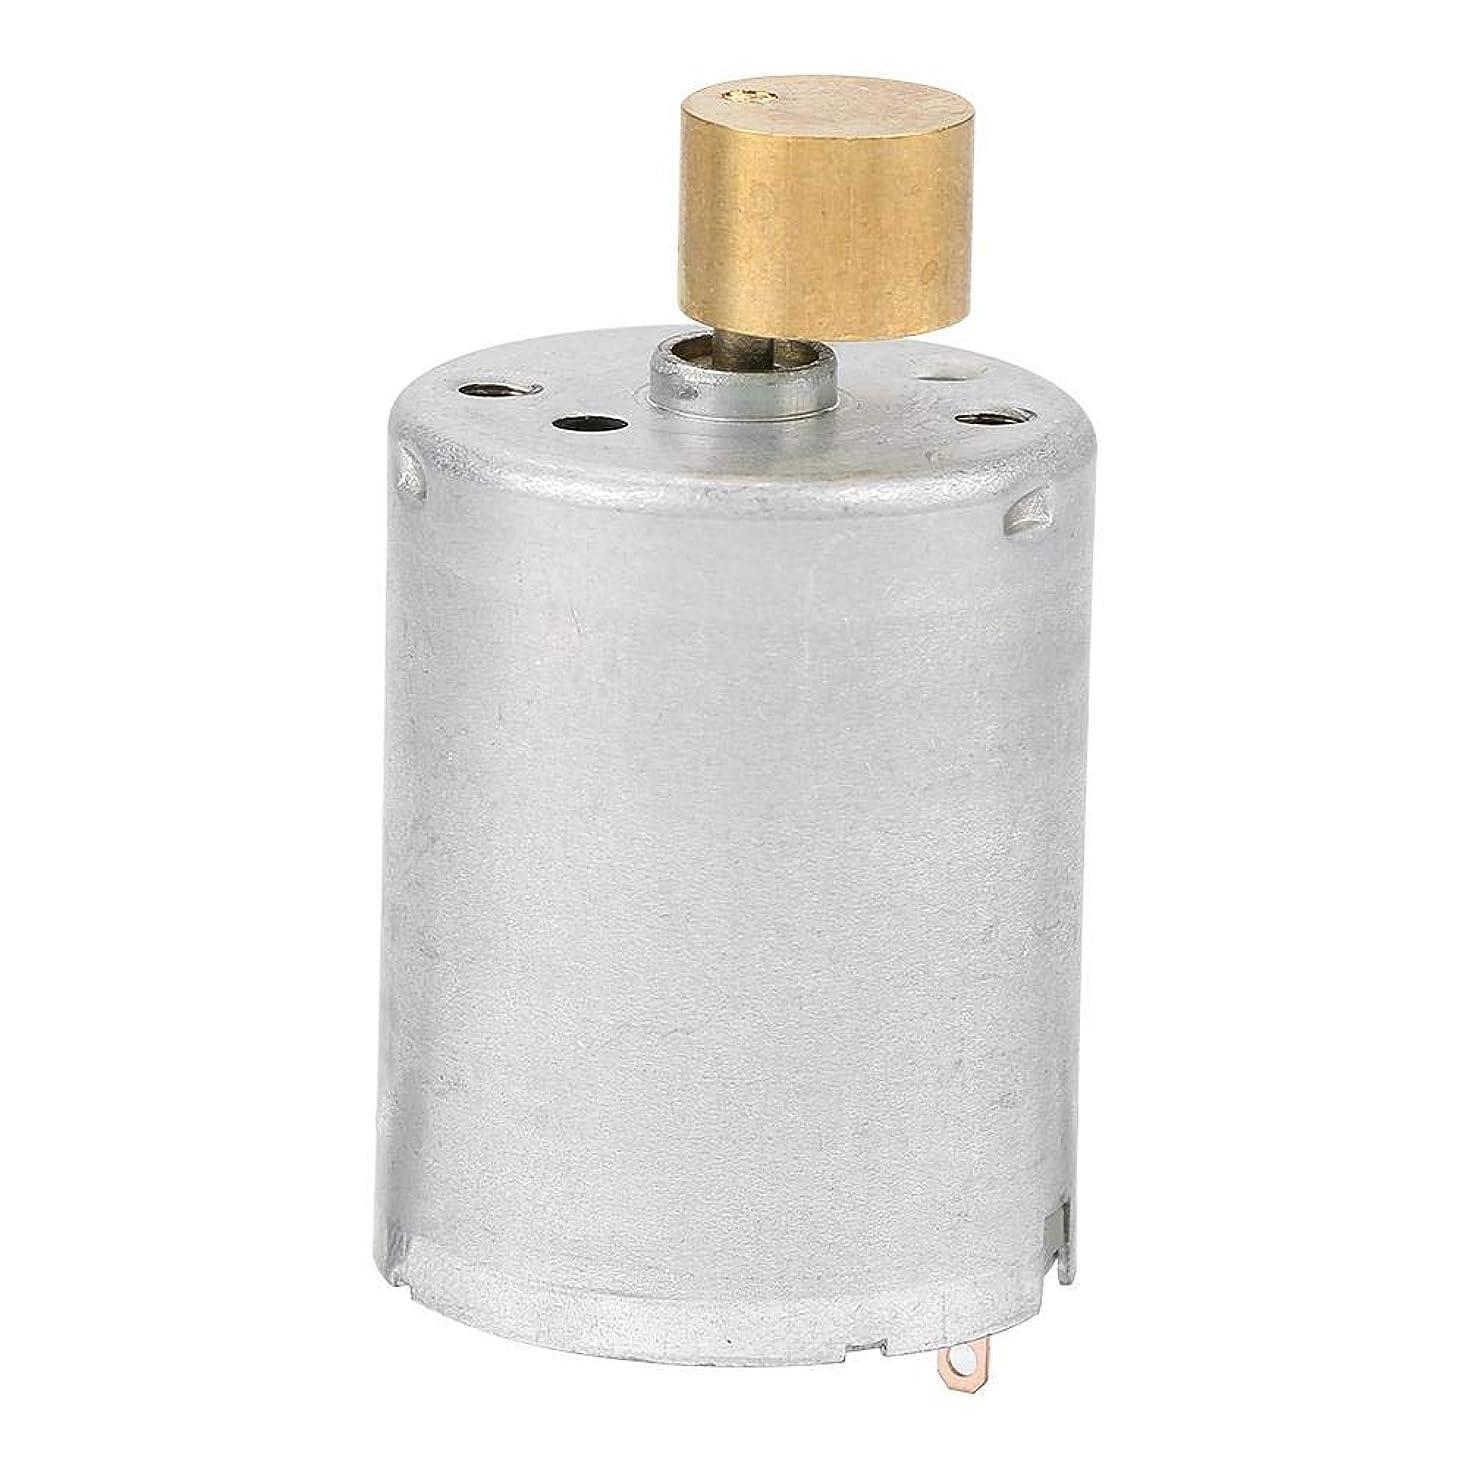 四回結紮頼るマッサージ装置のための振動モーターRF370 DCの小型強い振動振動モーター12V